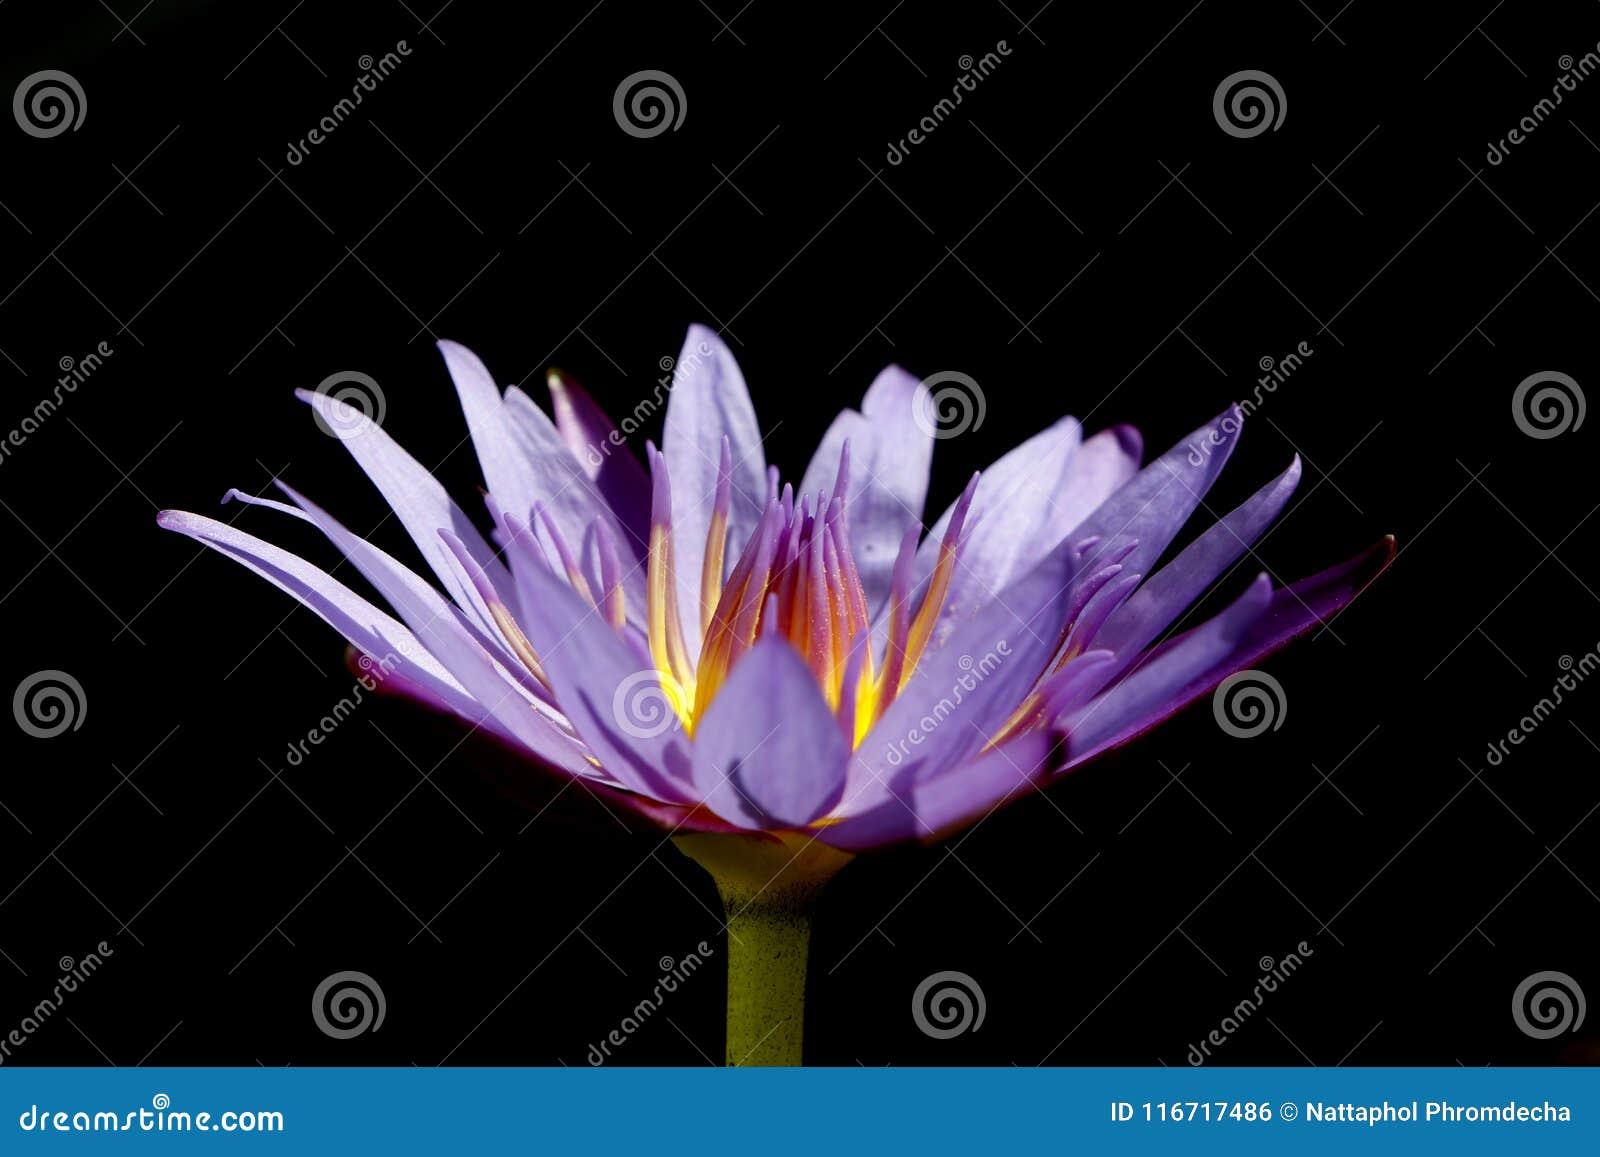 在黑色背景的紫色莲花